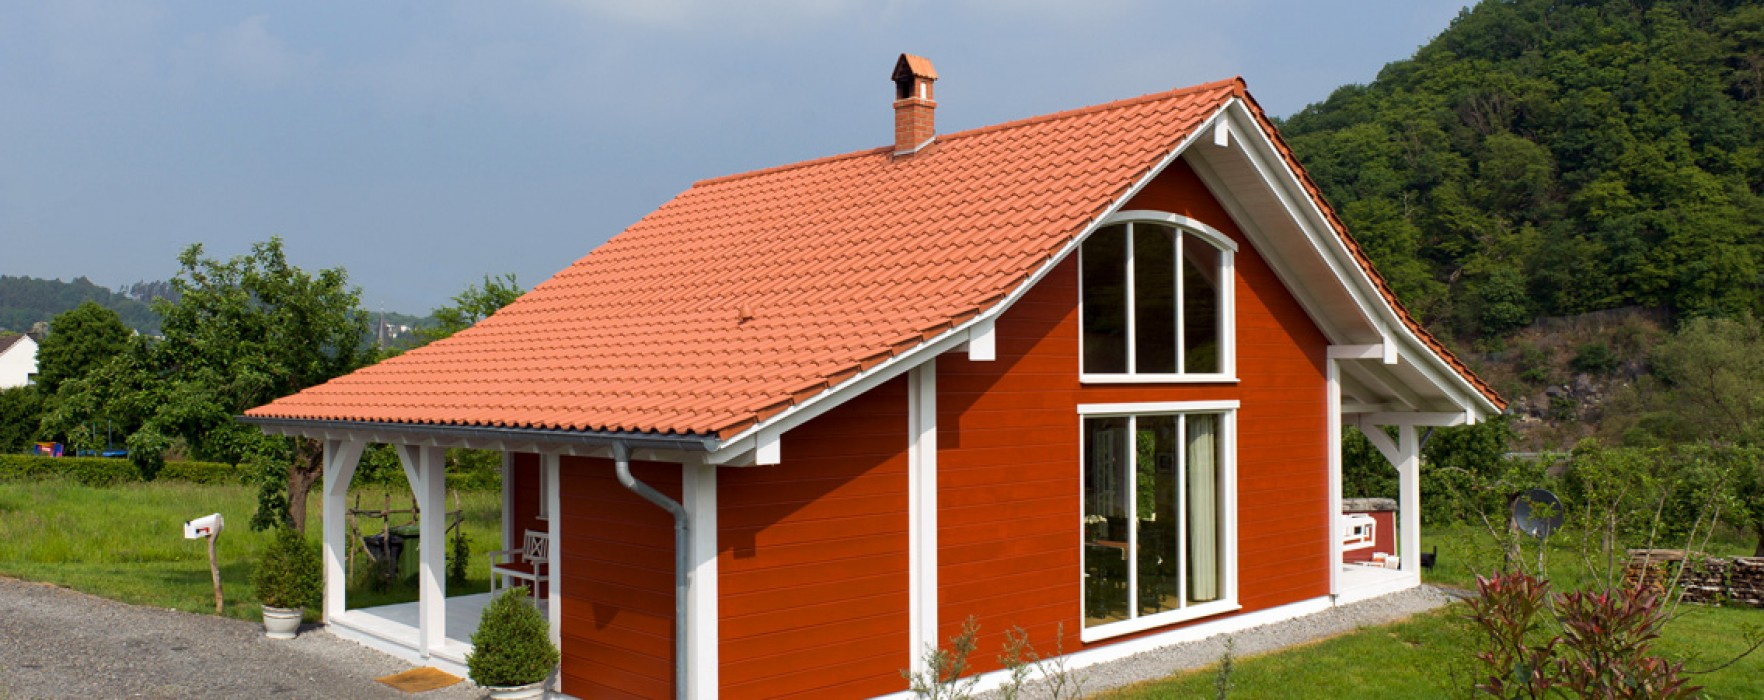 I costi di una piccola casa in legno for Casa piccola